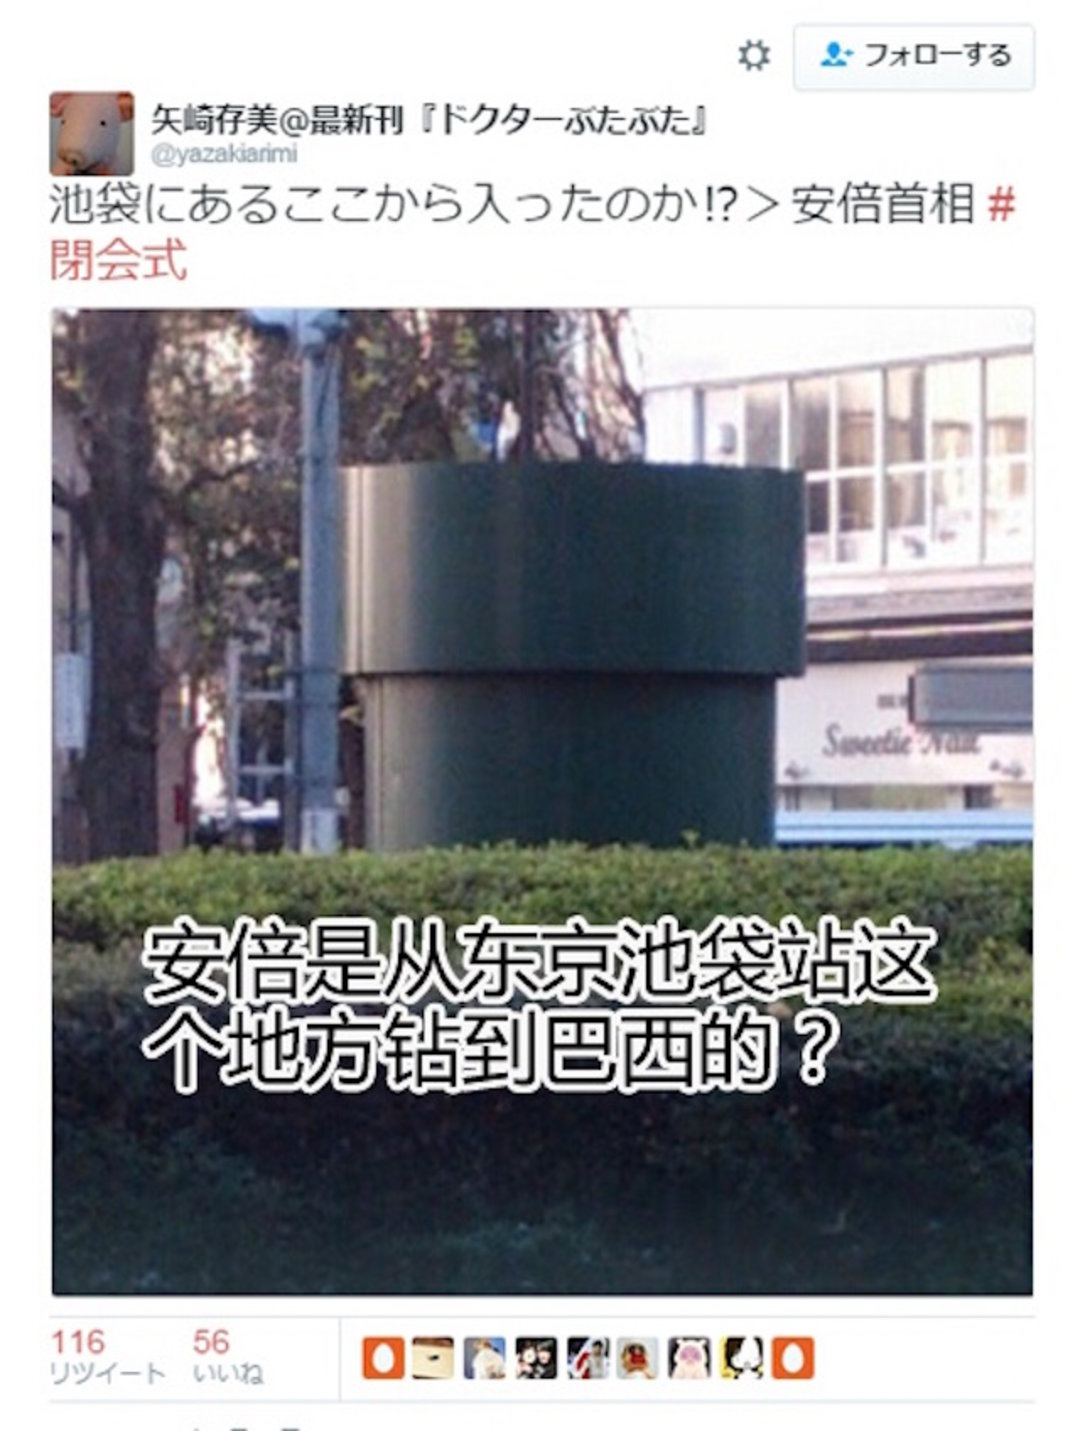 东京奥运 8 分钟,大概是宇宙最强二次元阵容_商业_好奇心日报